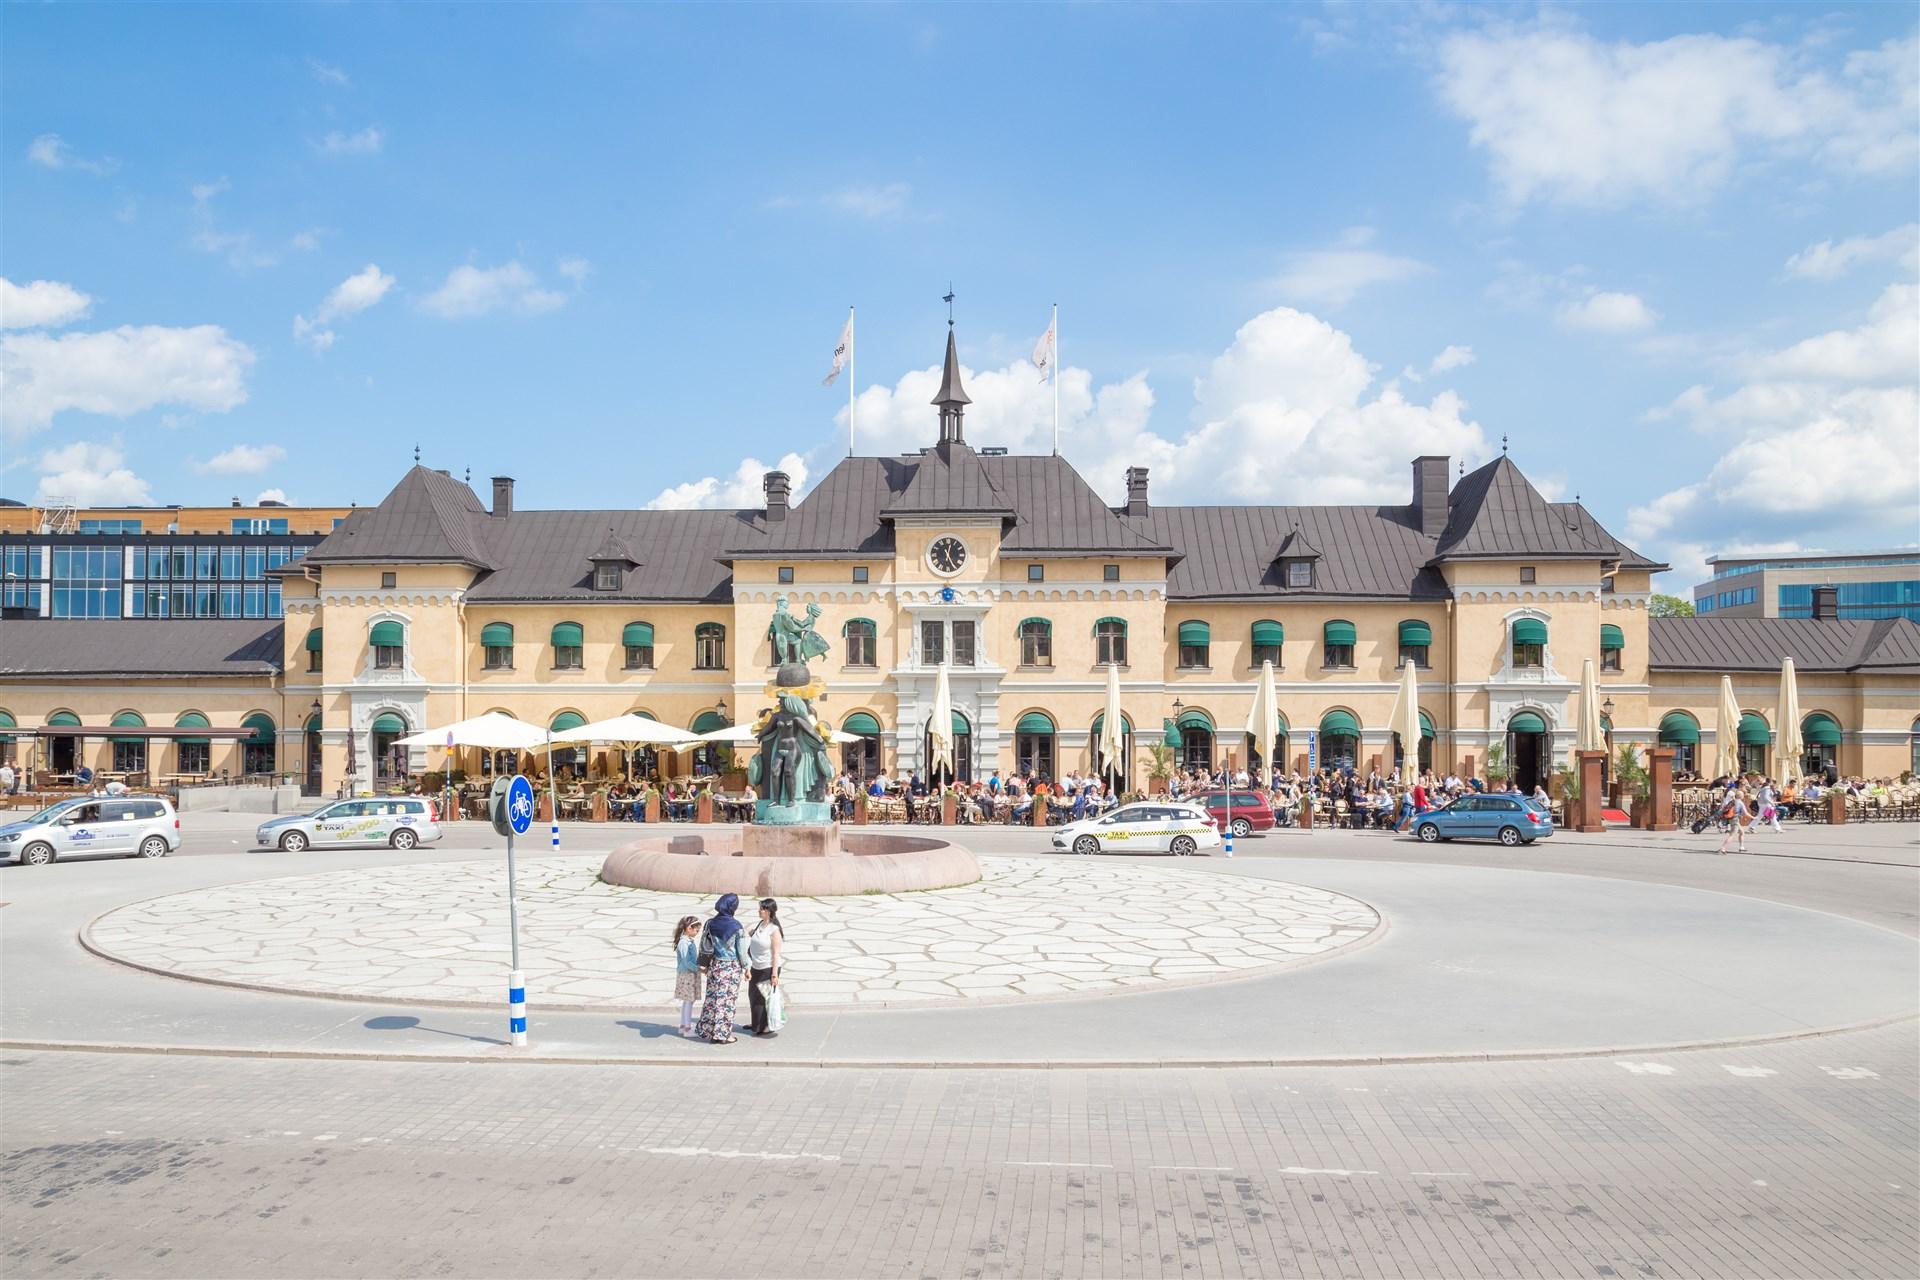 Gamla stationshuset